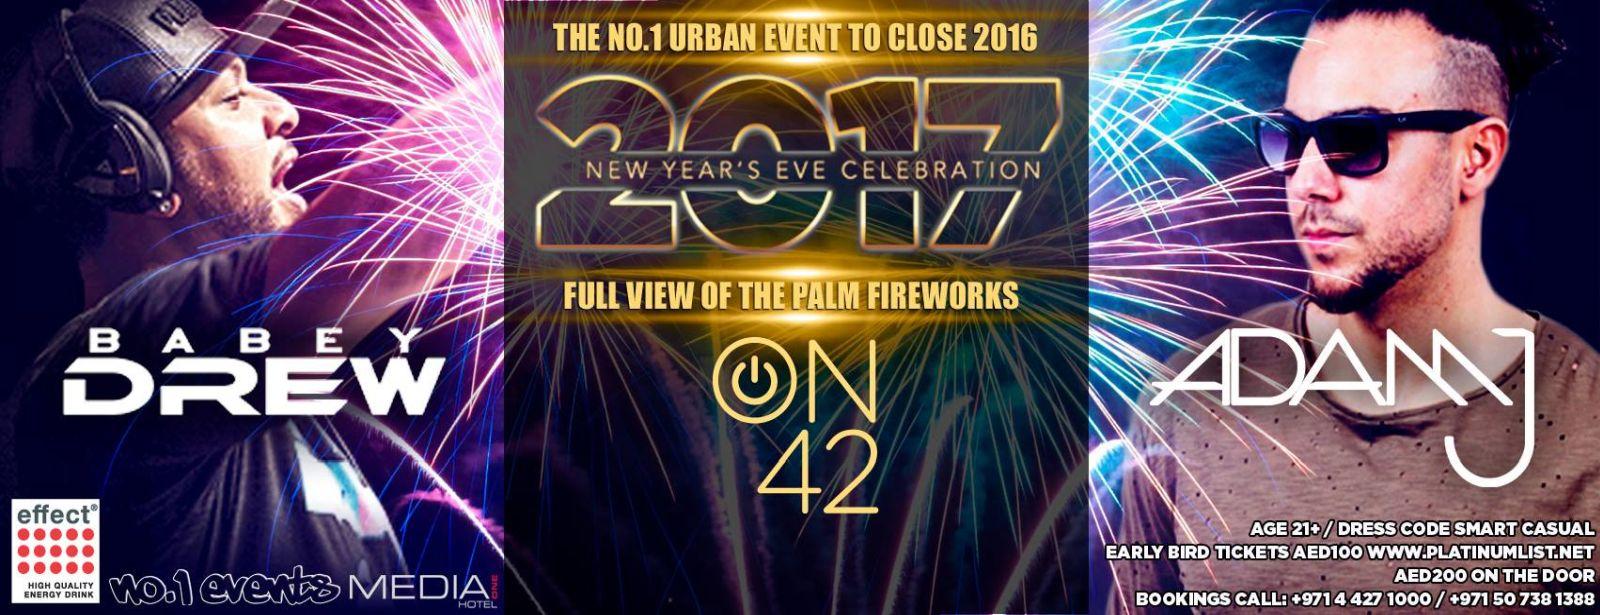 حفل الدي جي الأمريكي بابي درو في دبي ليلة رأس السنة